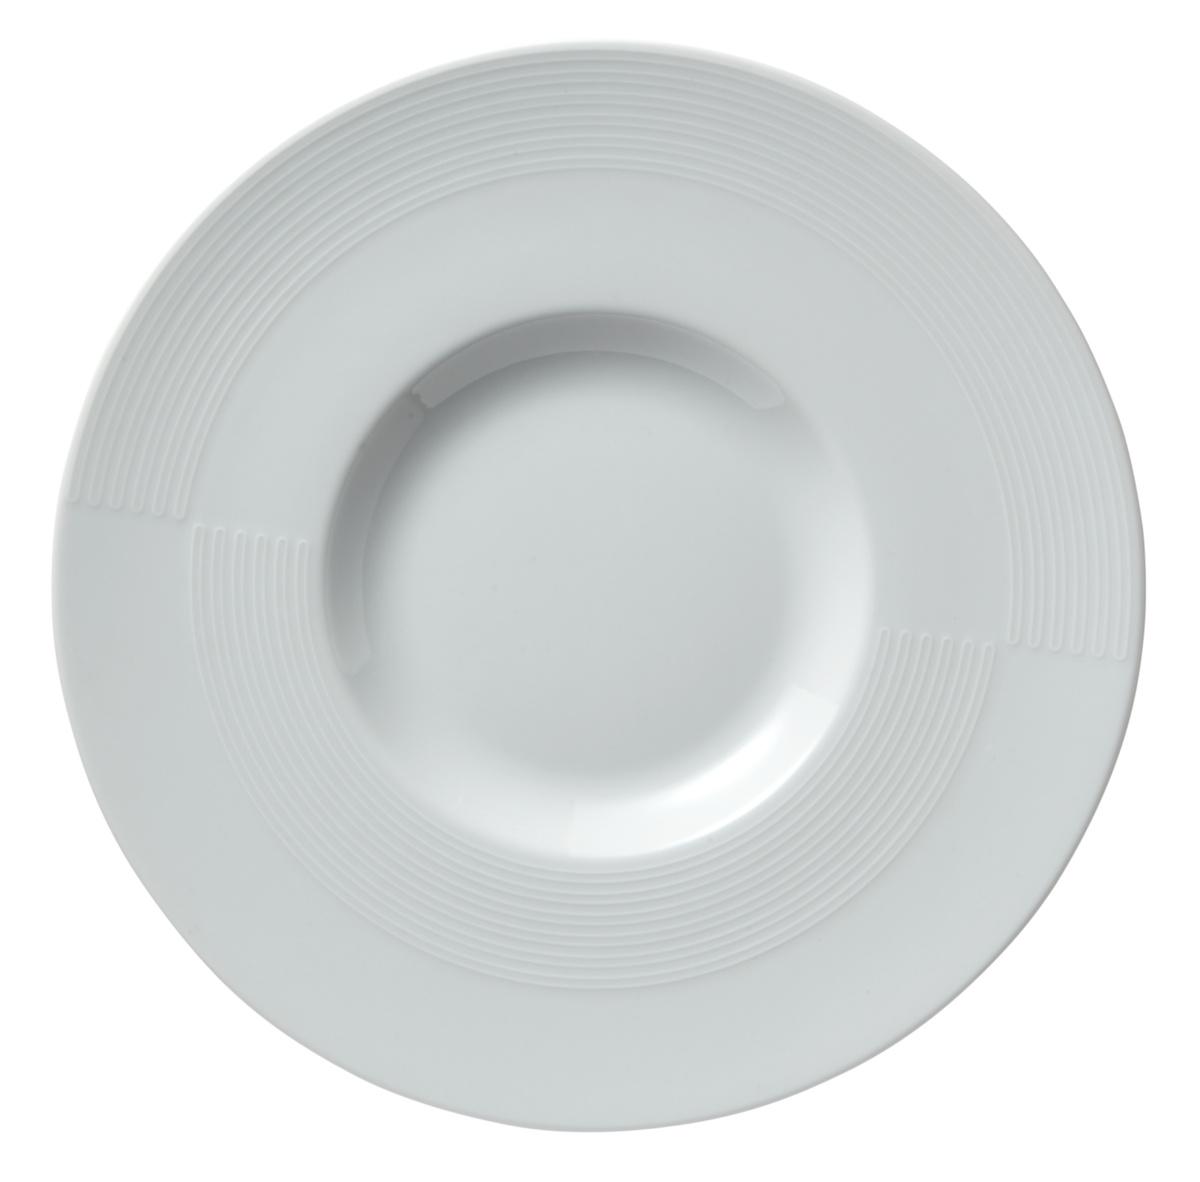 Assiette plate ronde blanc porcelaine Ø 31 cm Gourmet